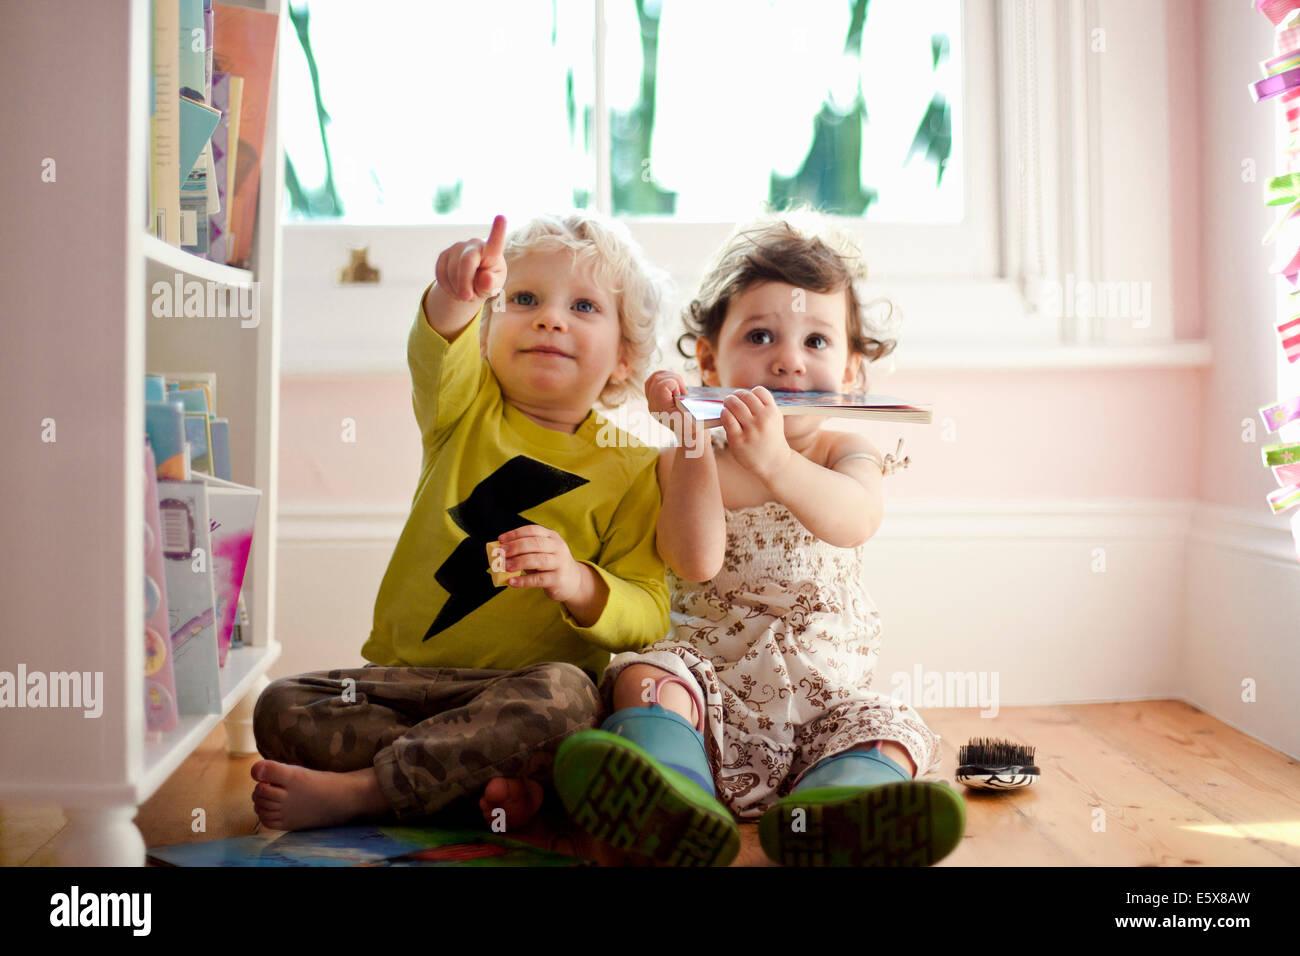 Masculino e Feminino toddler amigos apontando e olhando para cima Imagens de Stock